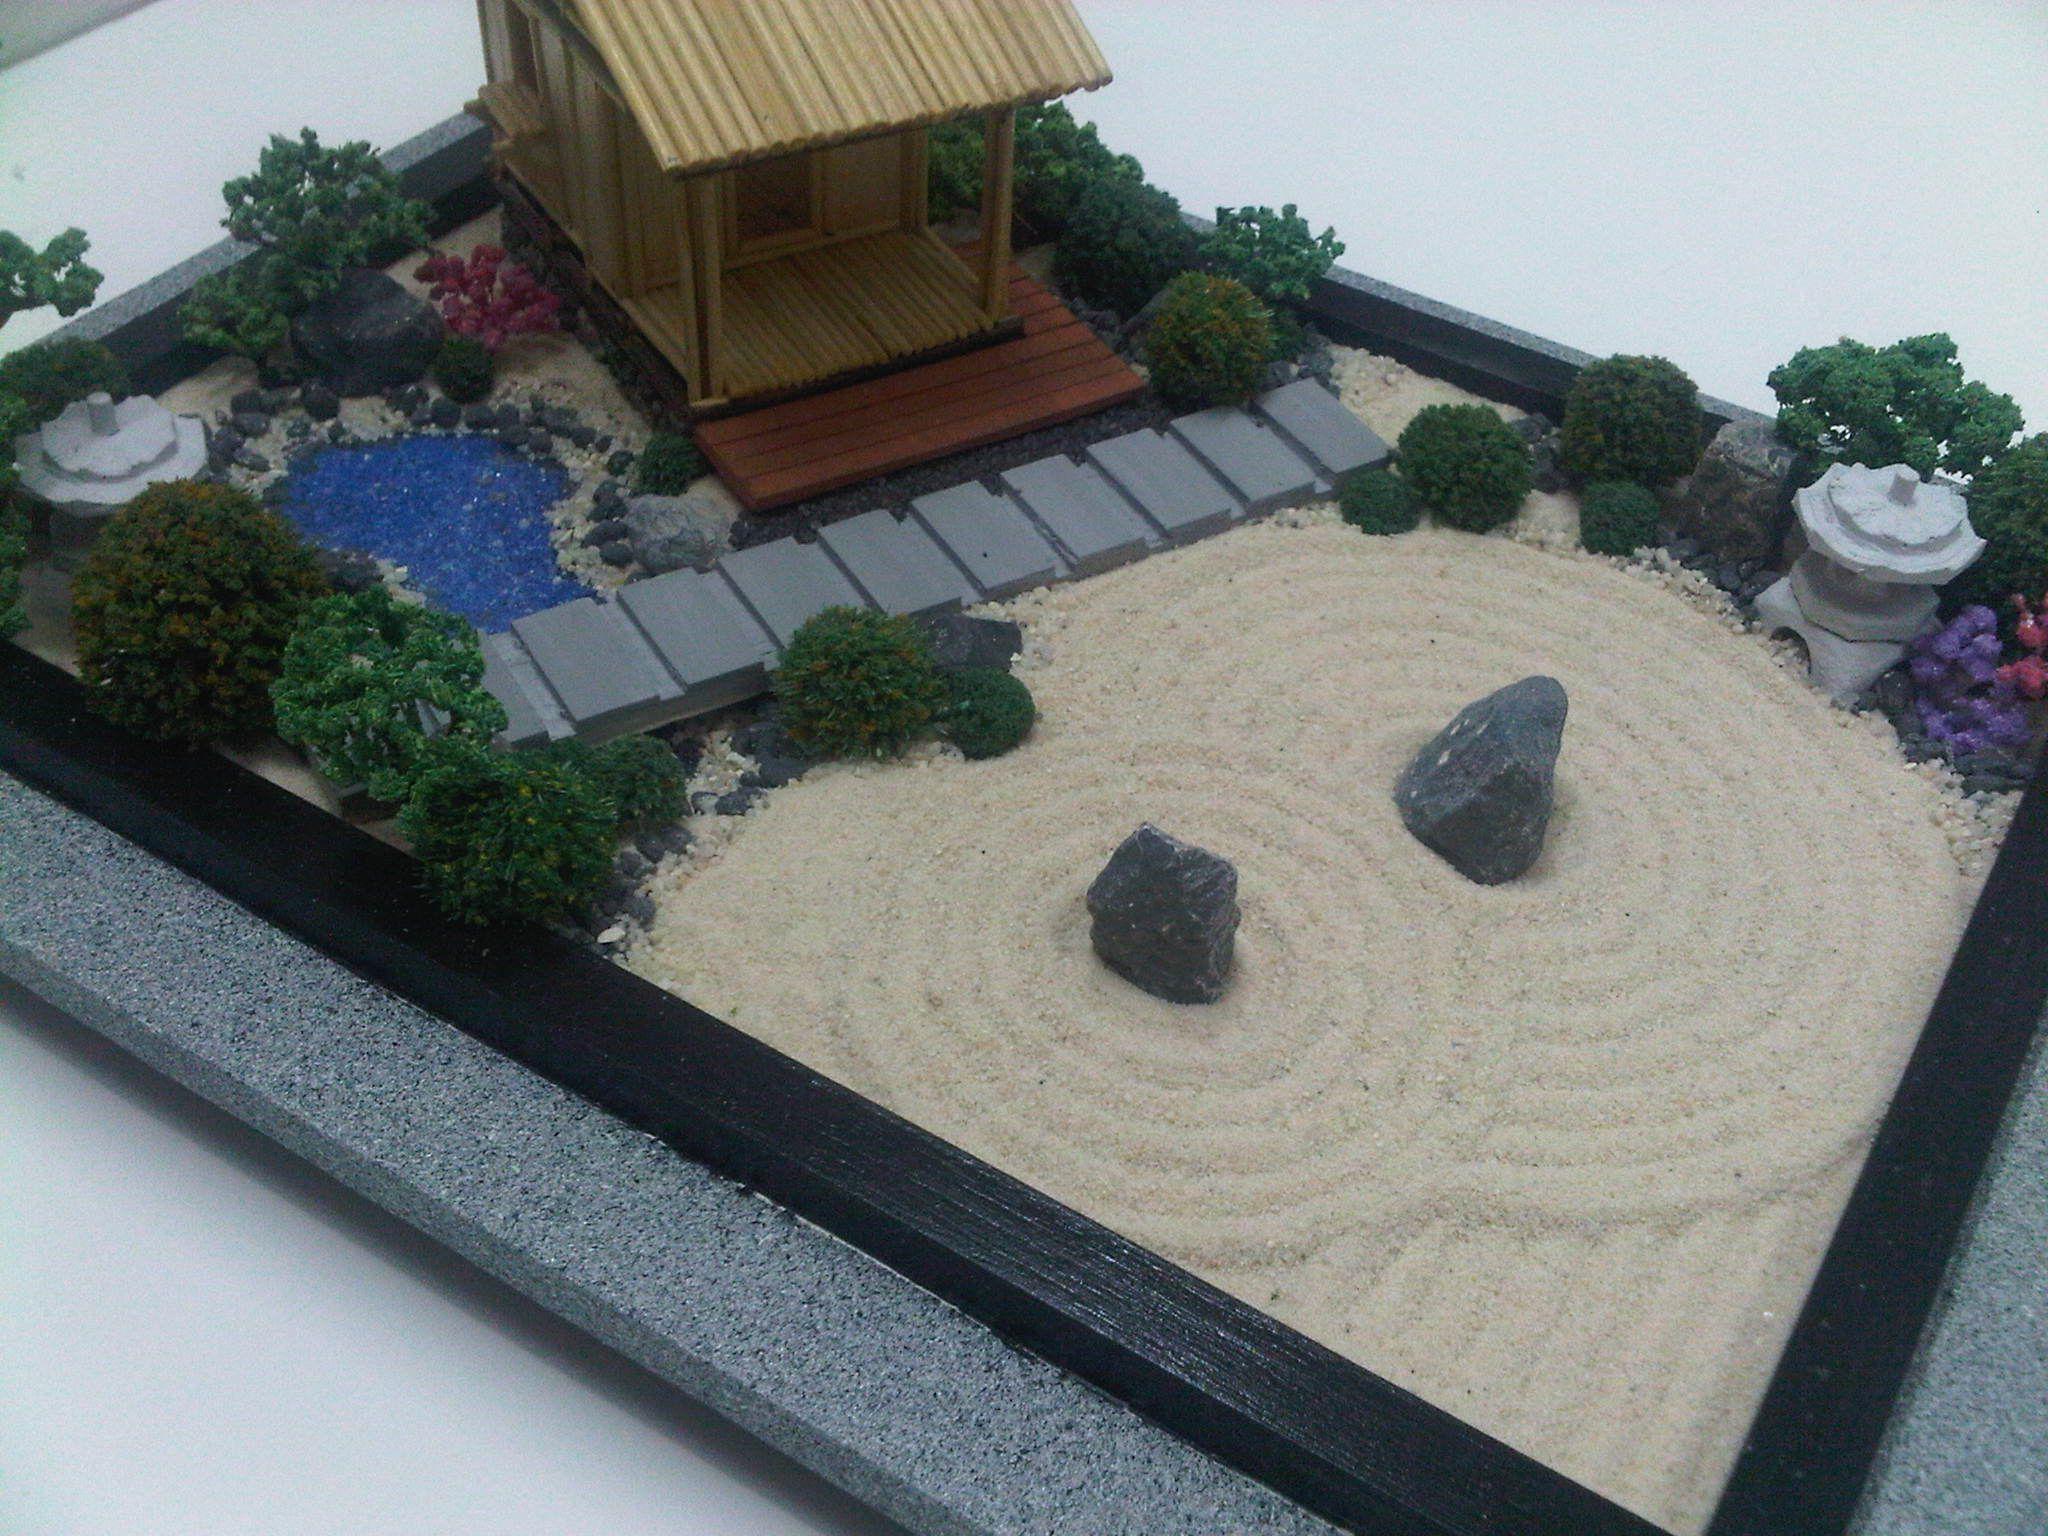 Un Quottea Housequot Miniature Jardin Zen Concept De Diy ... destiné Modele De Jardin Japonais